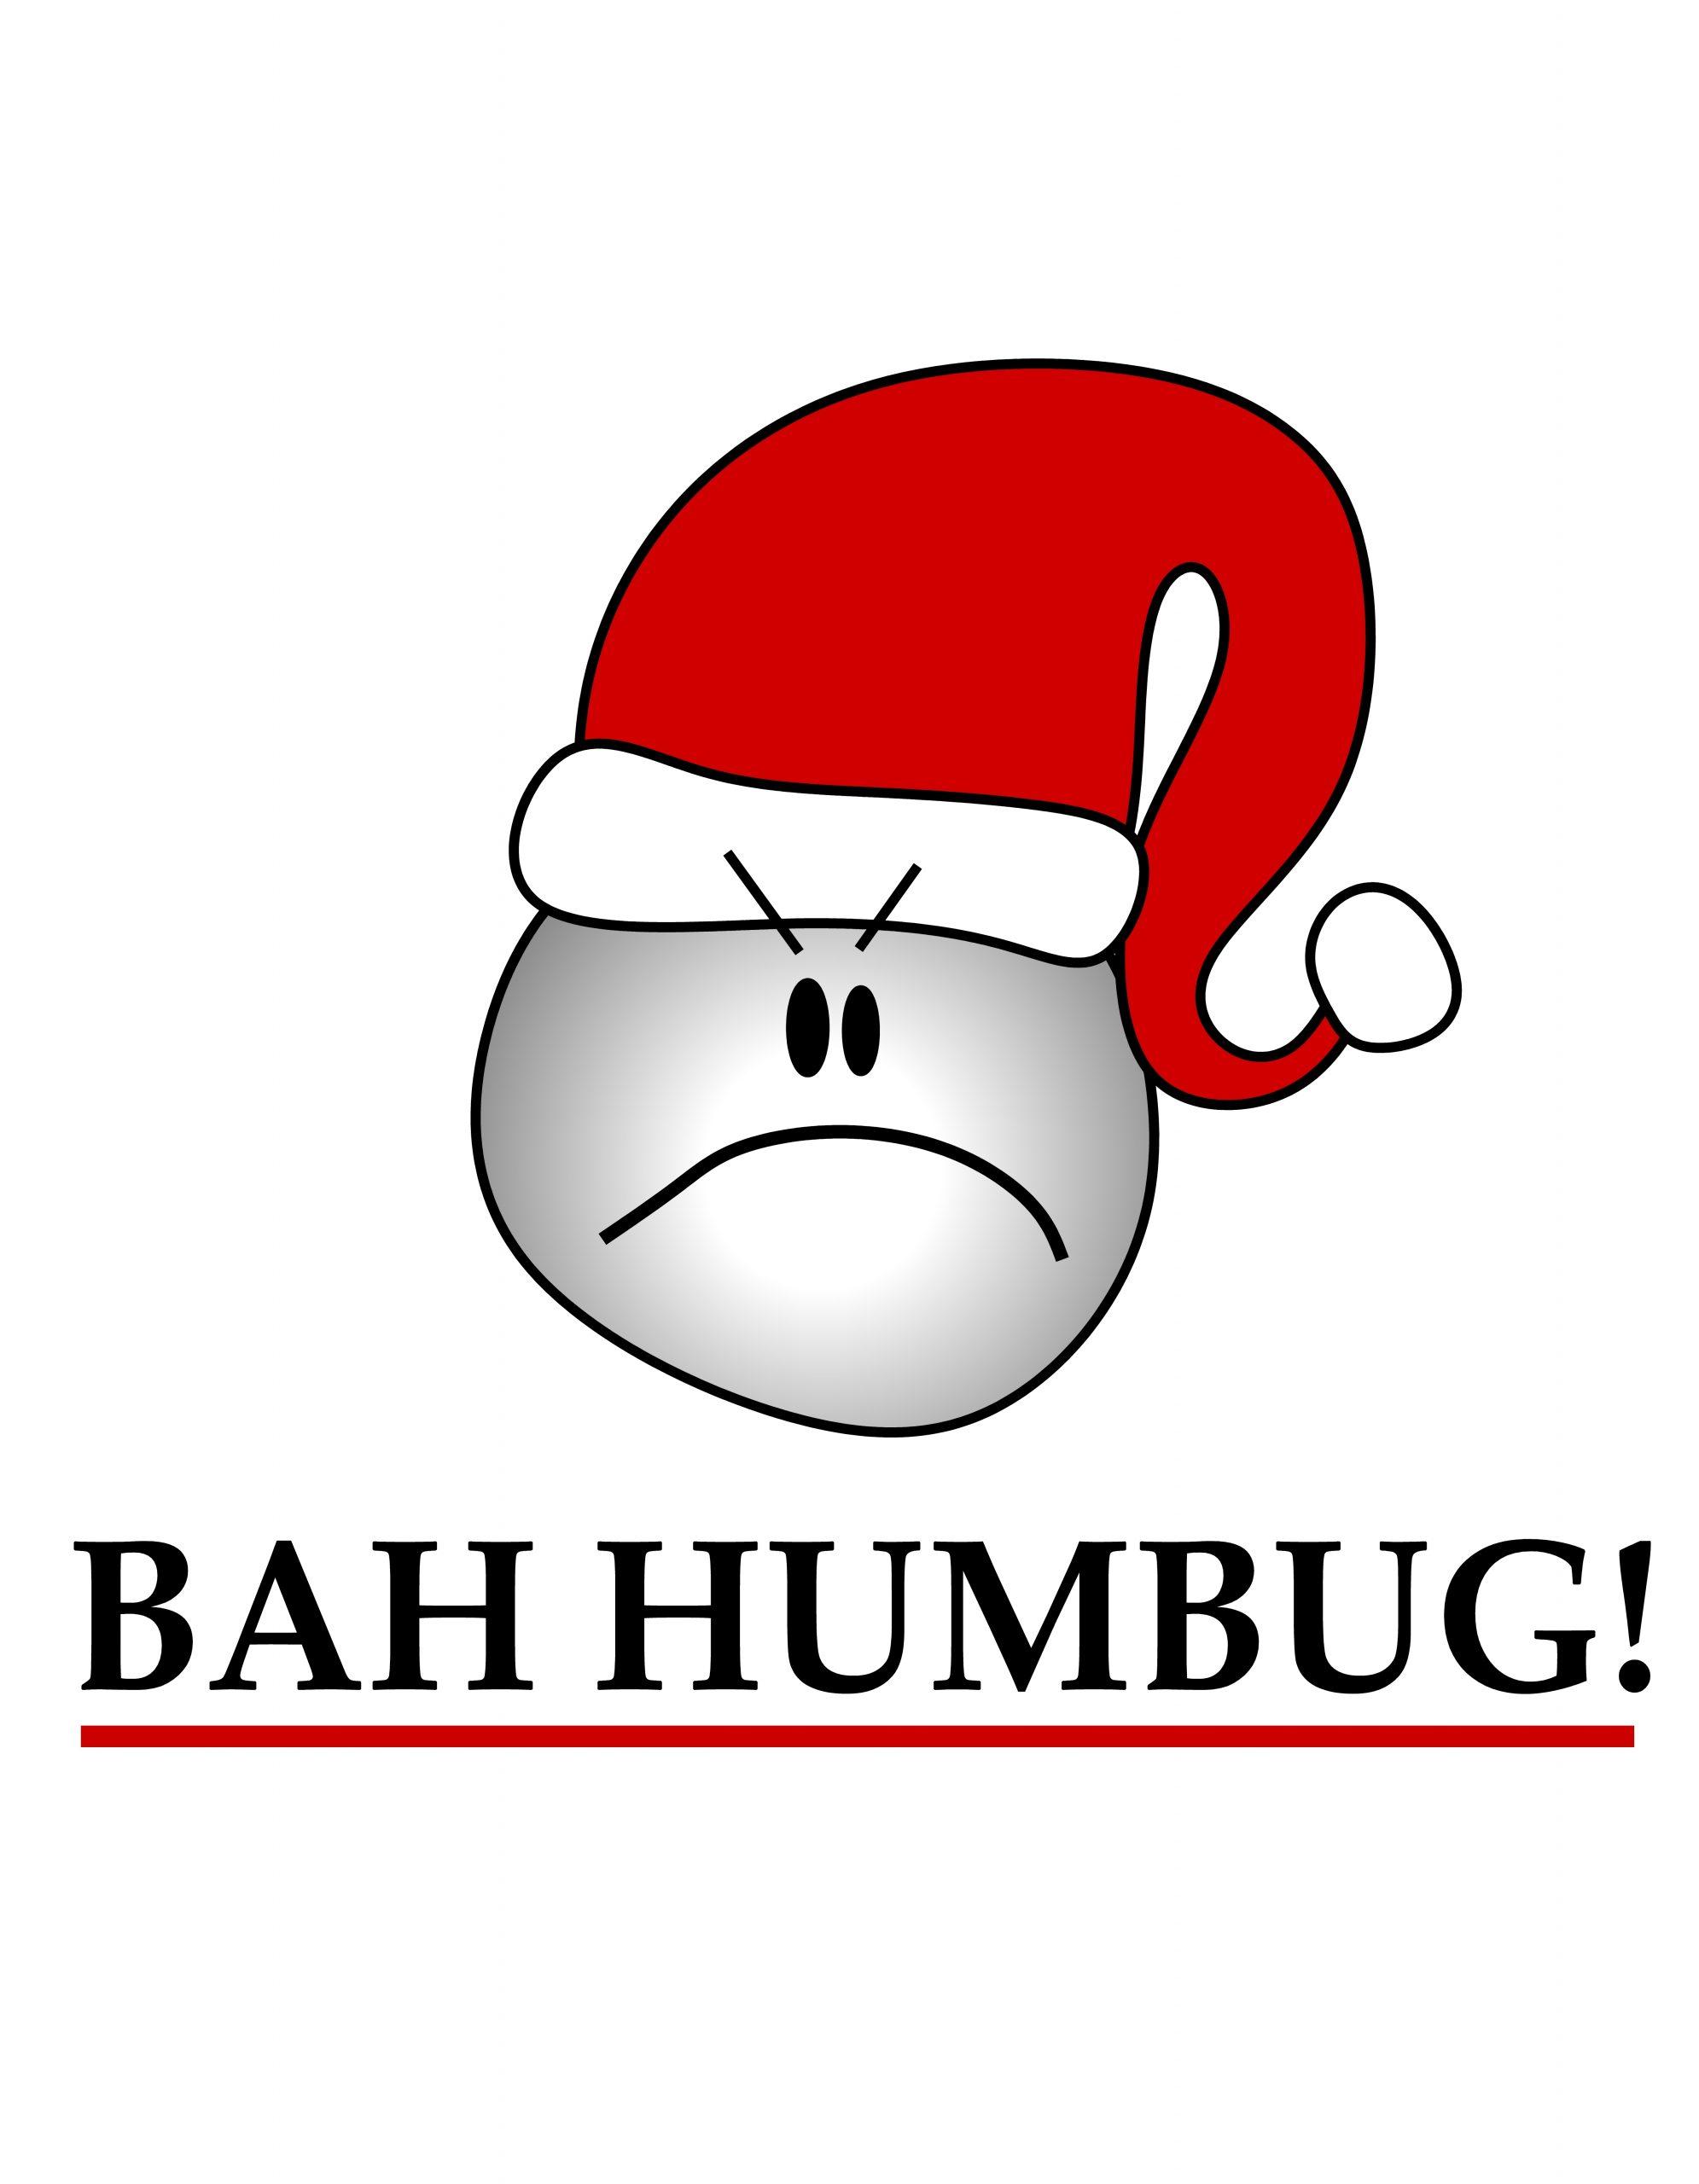 Humbug Day